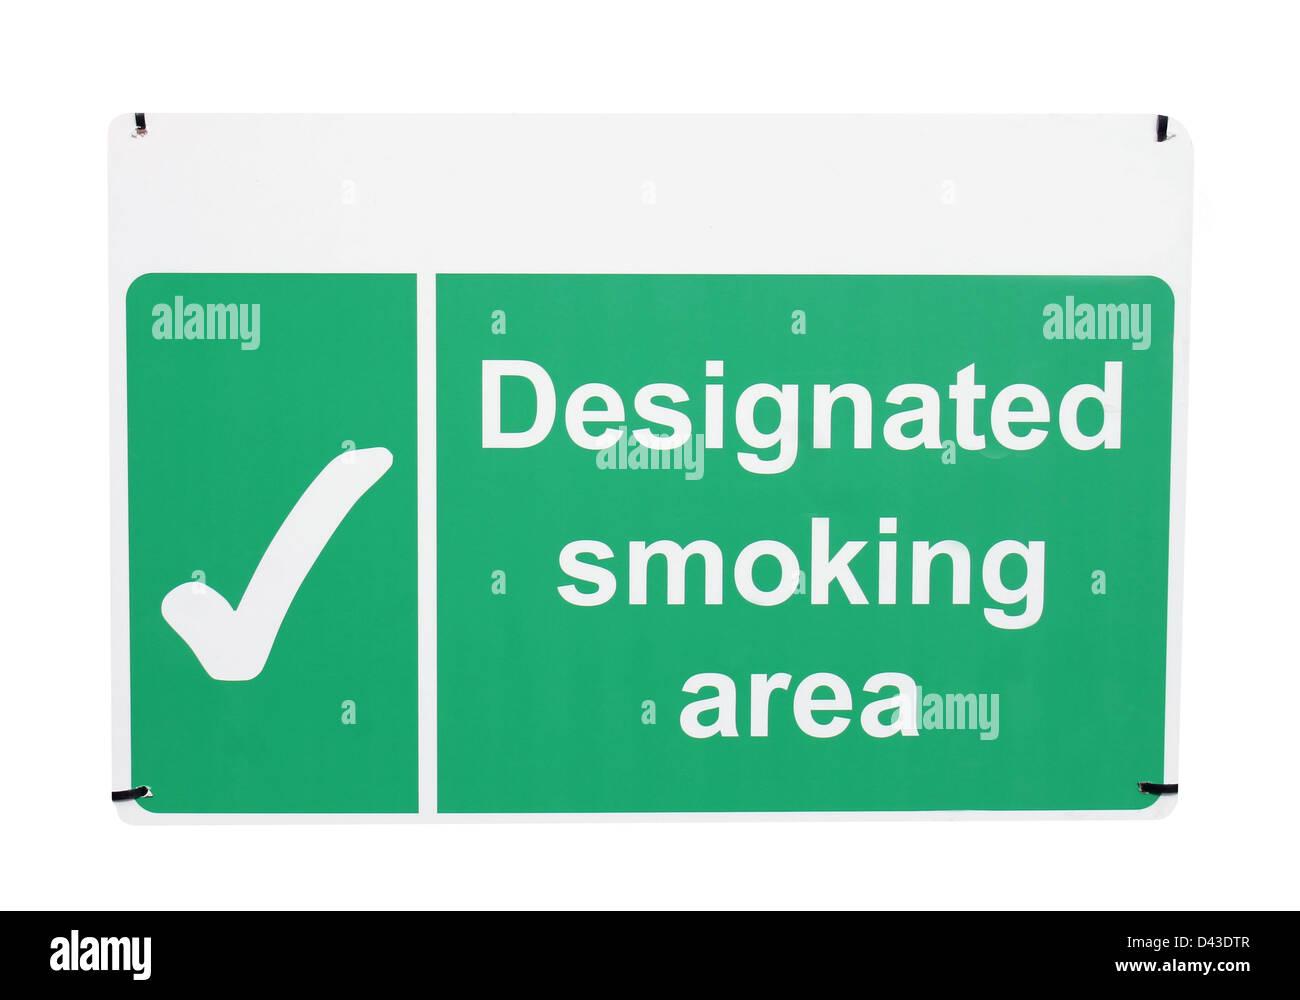 Designated smoking area sign isolated on white background. - Stock Image